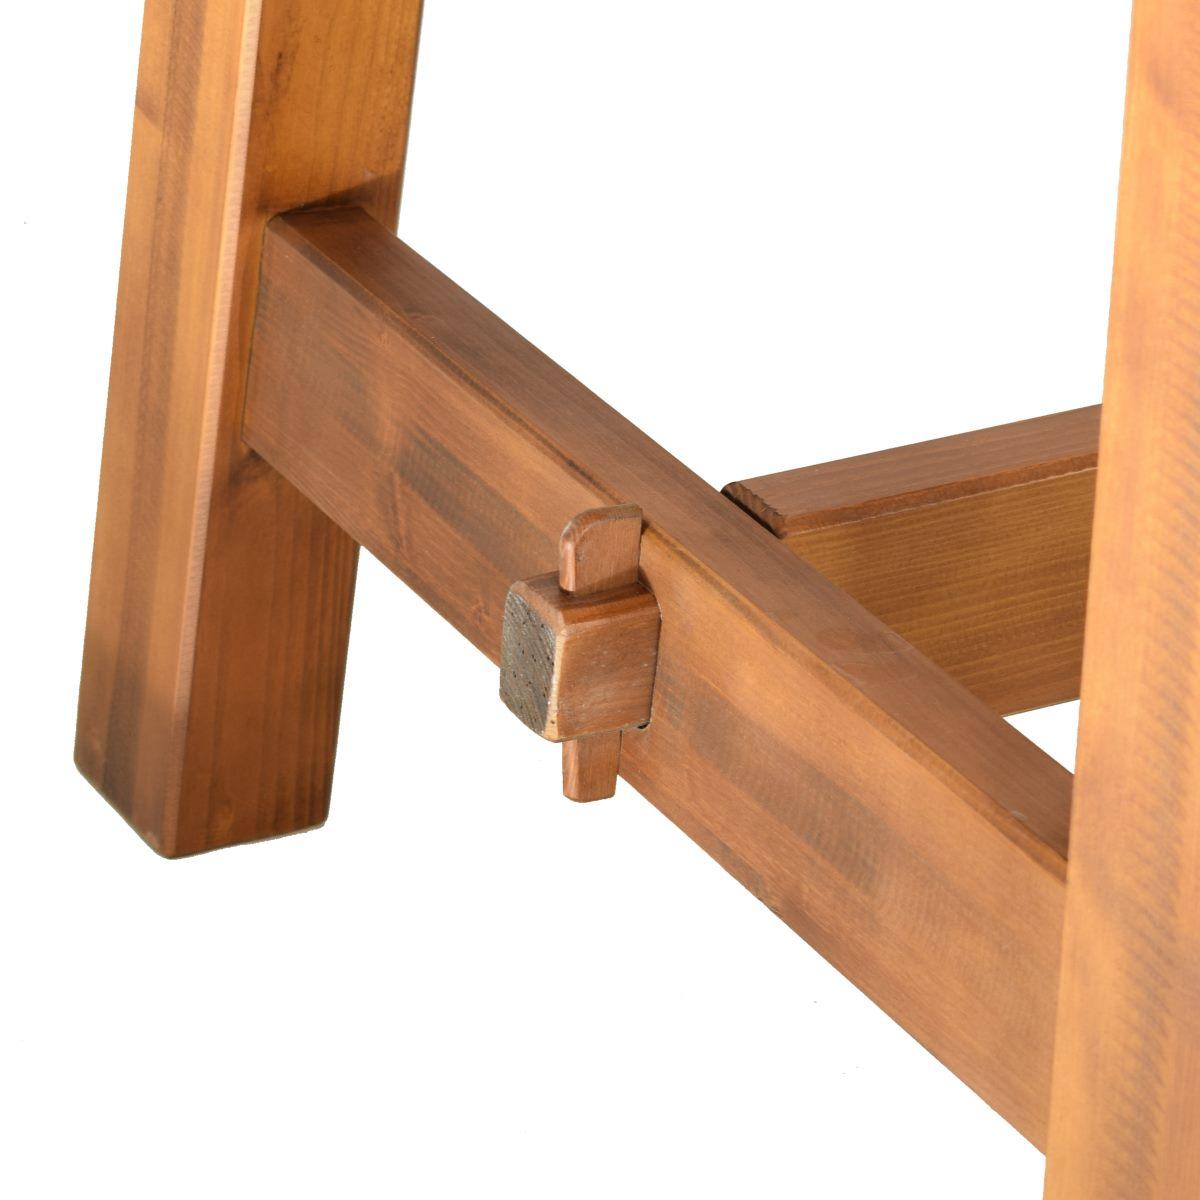 Mesa rectangular r stica 200cm ecor stico venta de muebles - Mesa rectangular ...